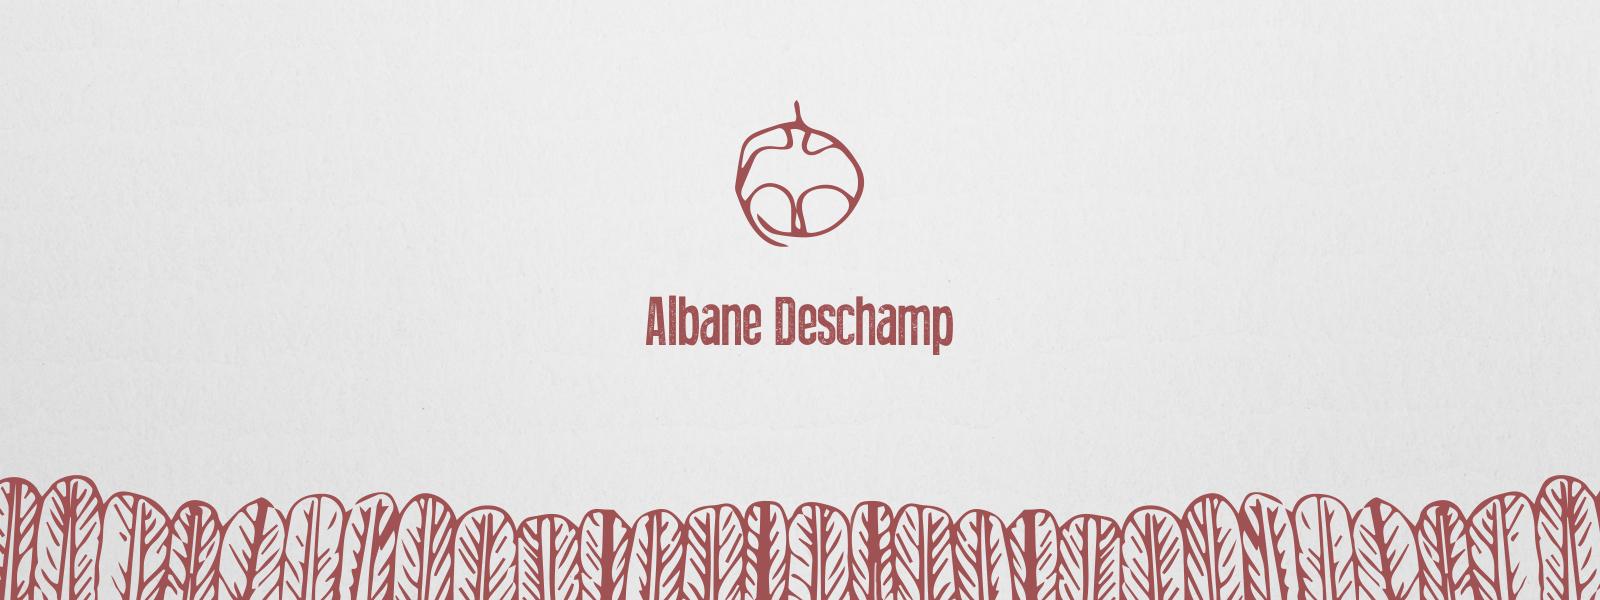 Identité graphique de Albane Deschamp